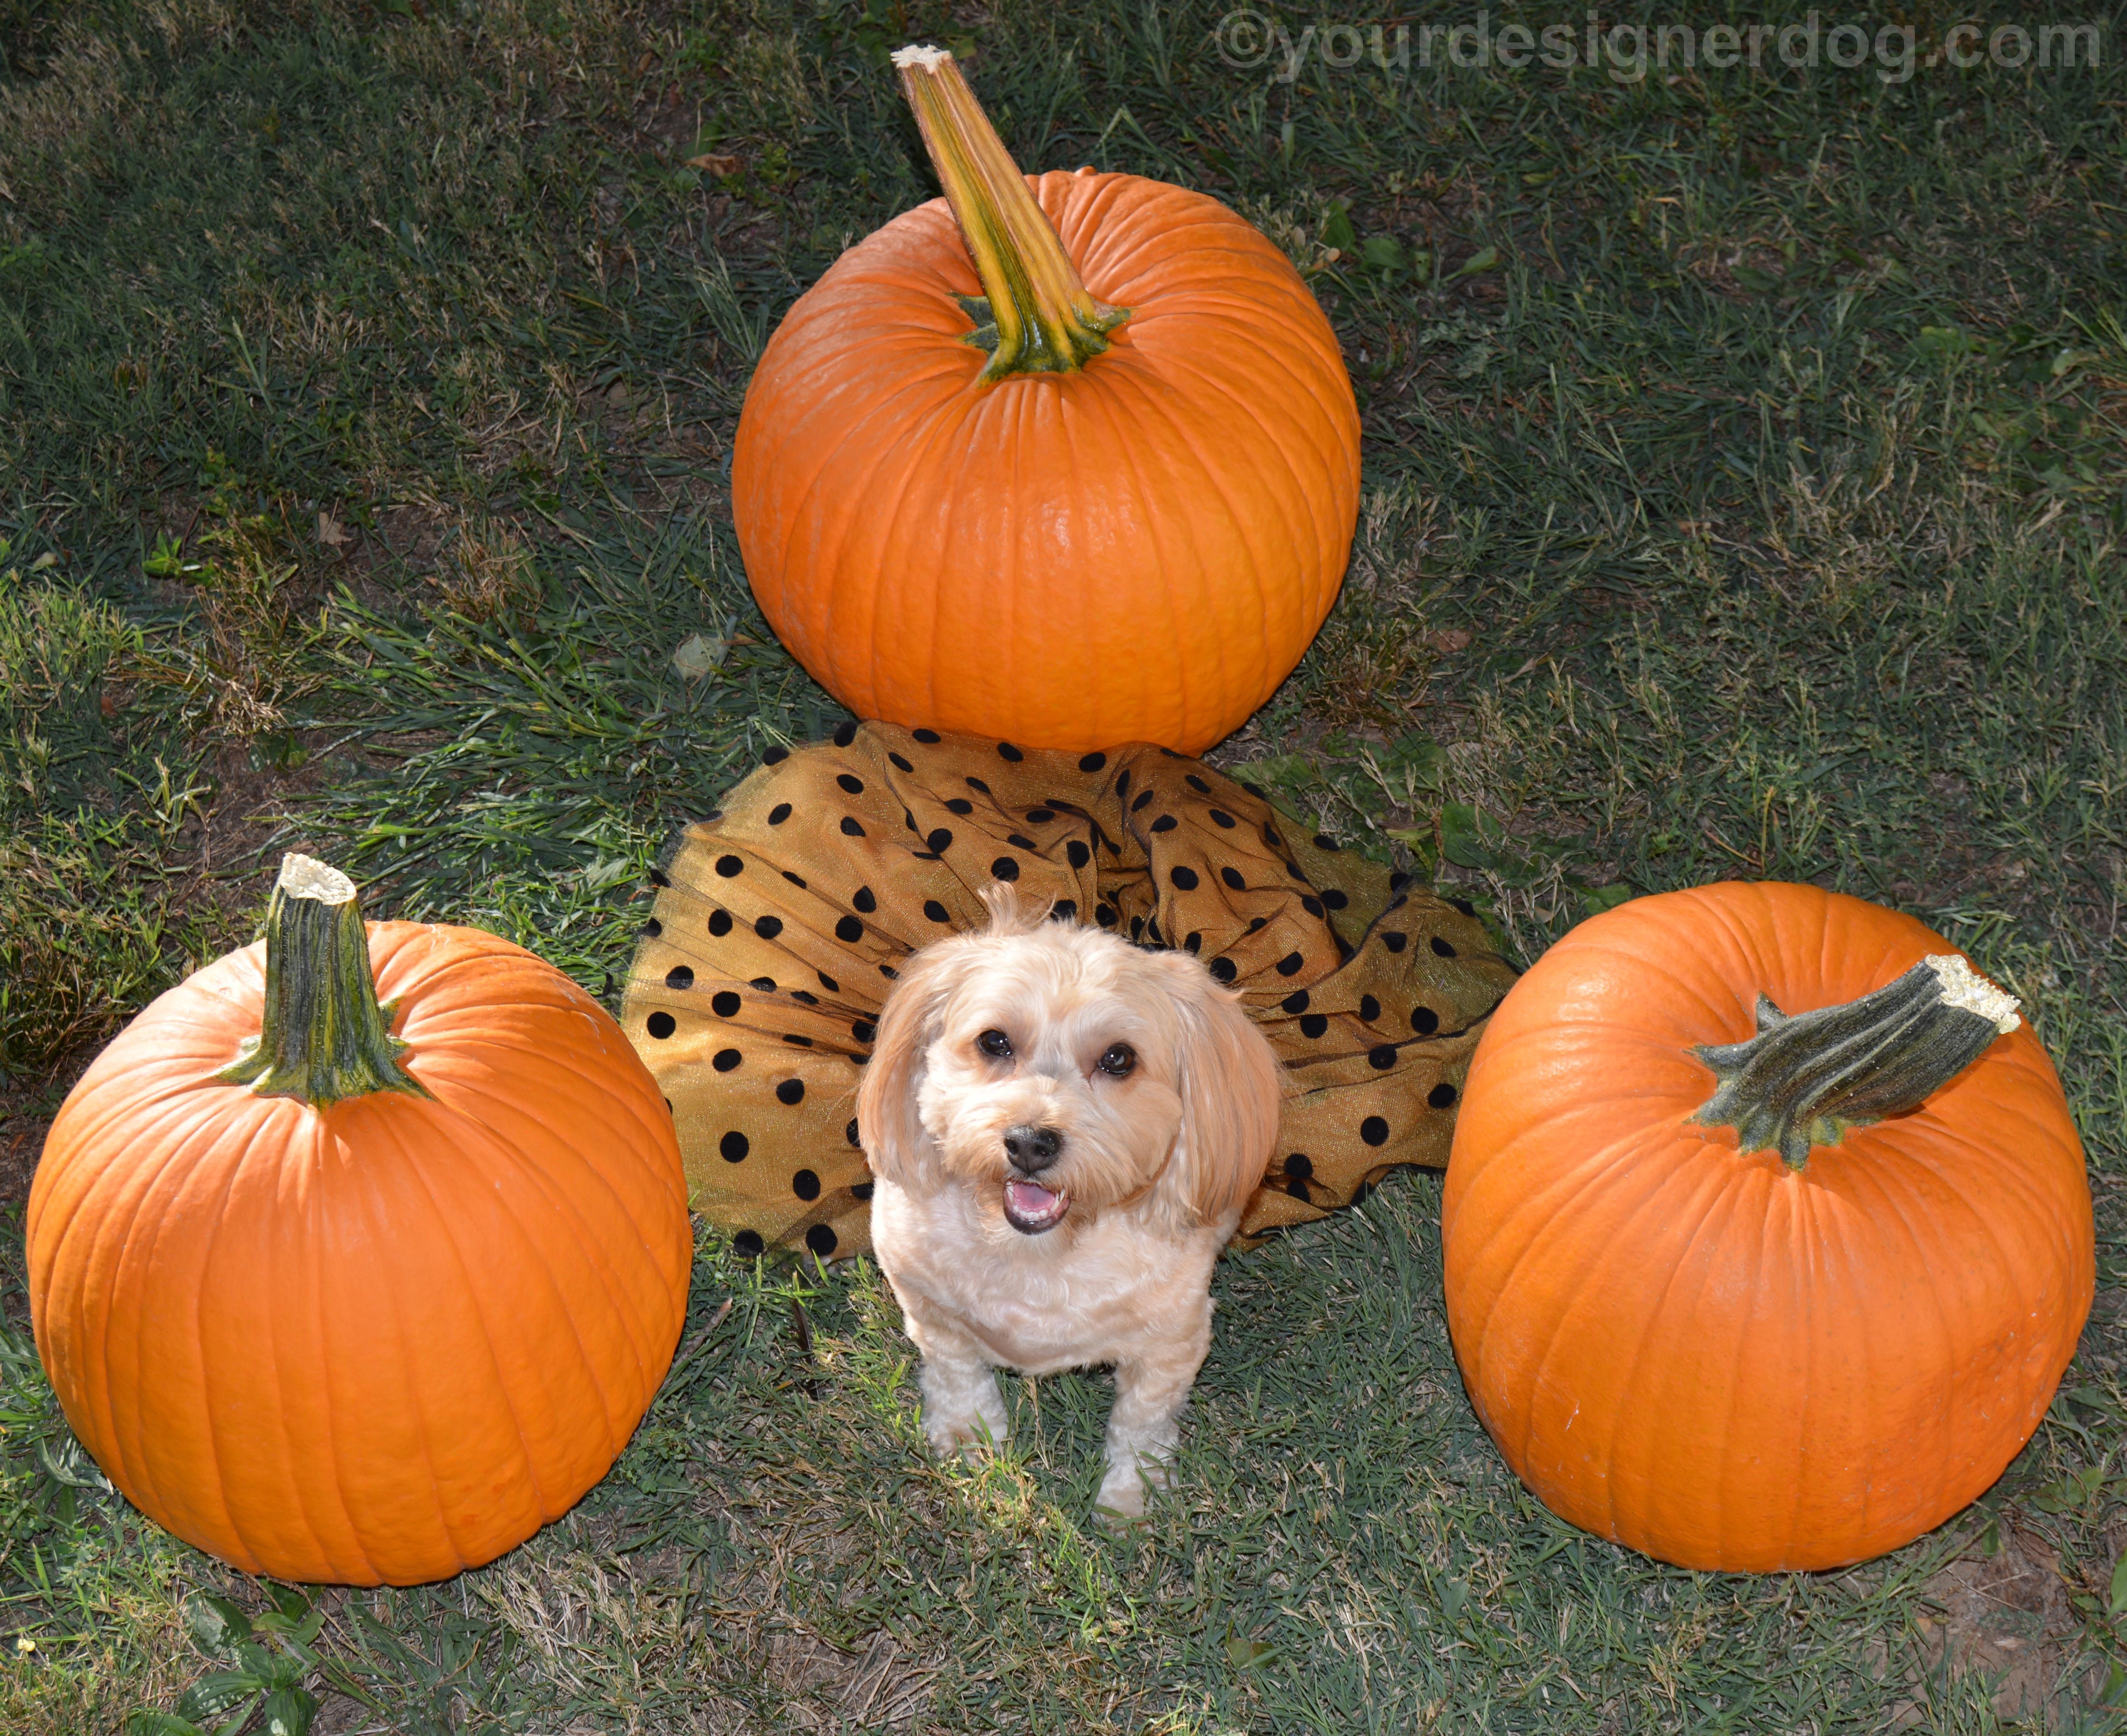 Polka Dots and Pumpkins